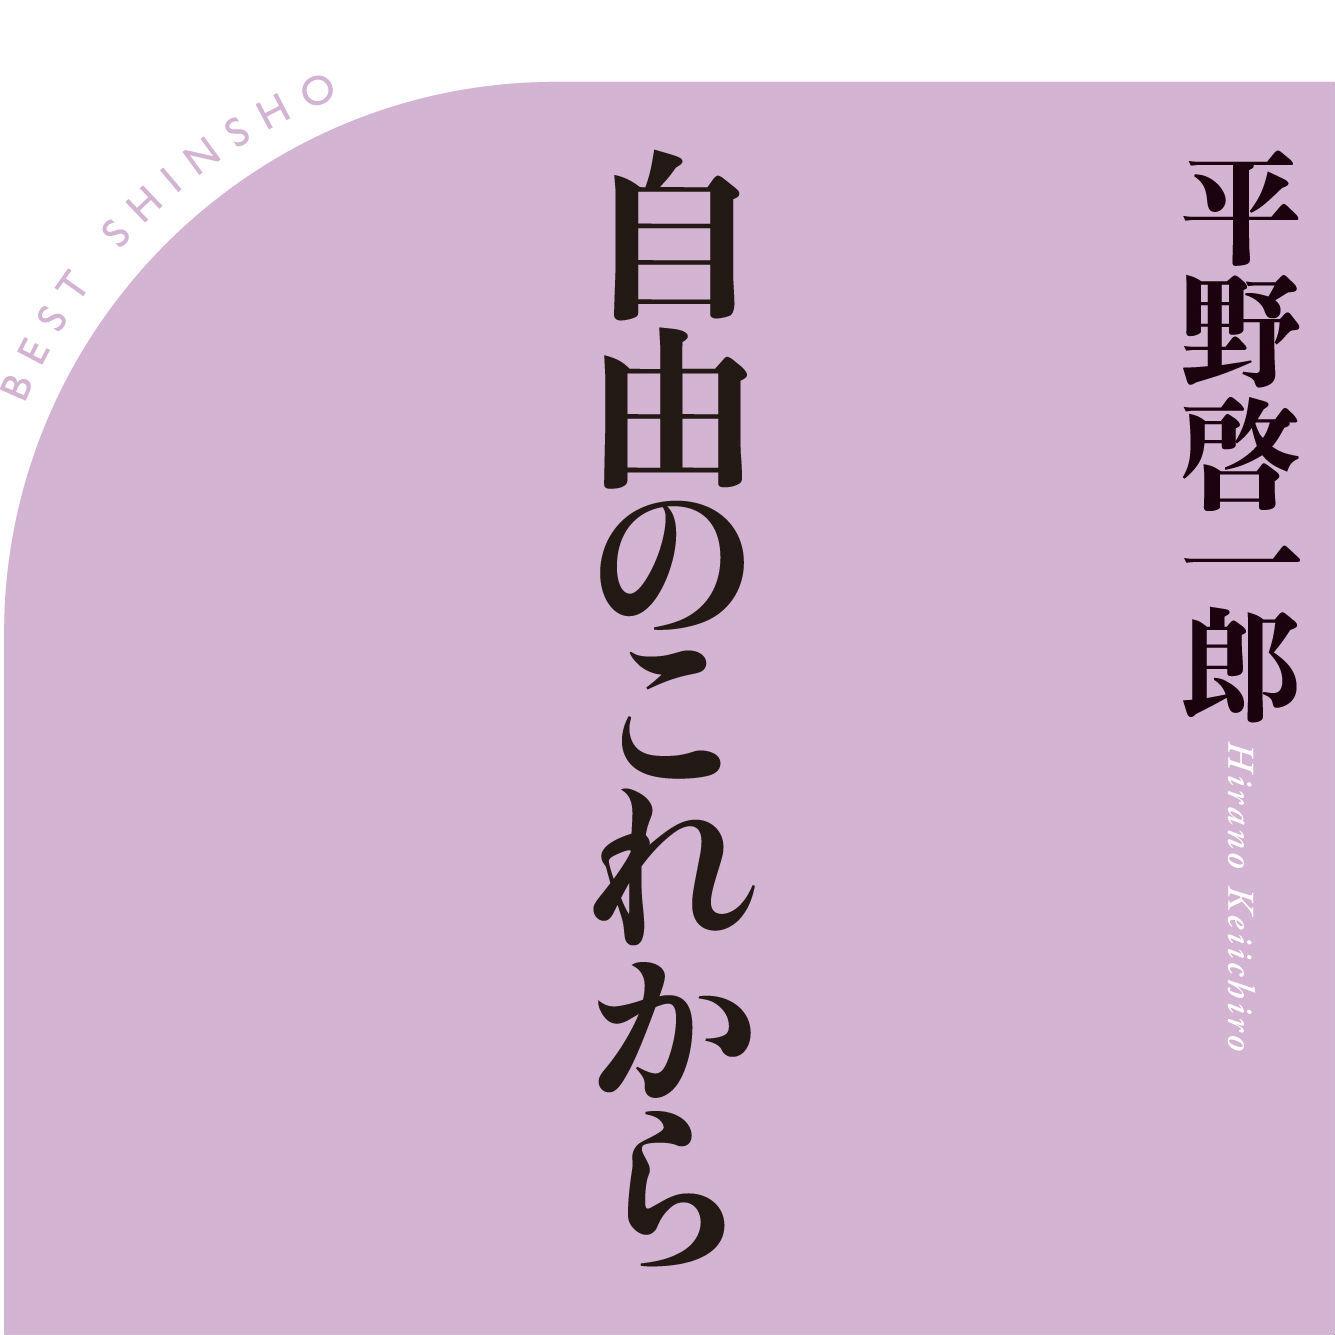 人工知能、自動運転、ビッグデータ……小説家・平野啓一郎が見通す、人間がテクノロジーに管理される時代